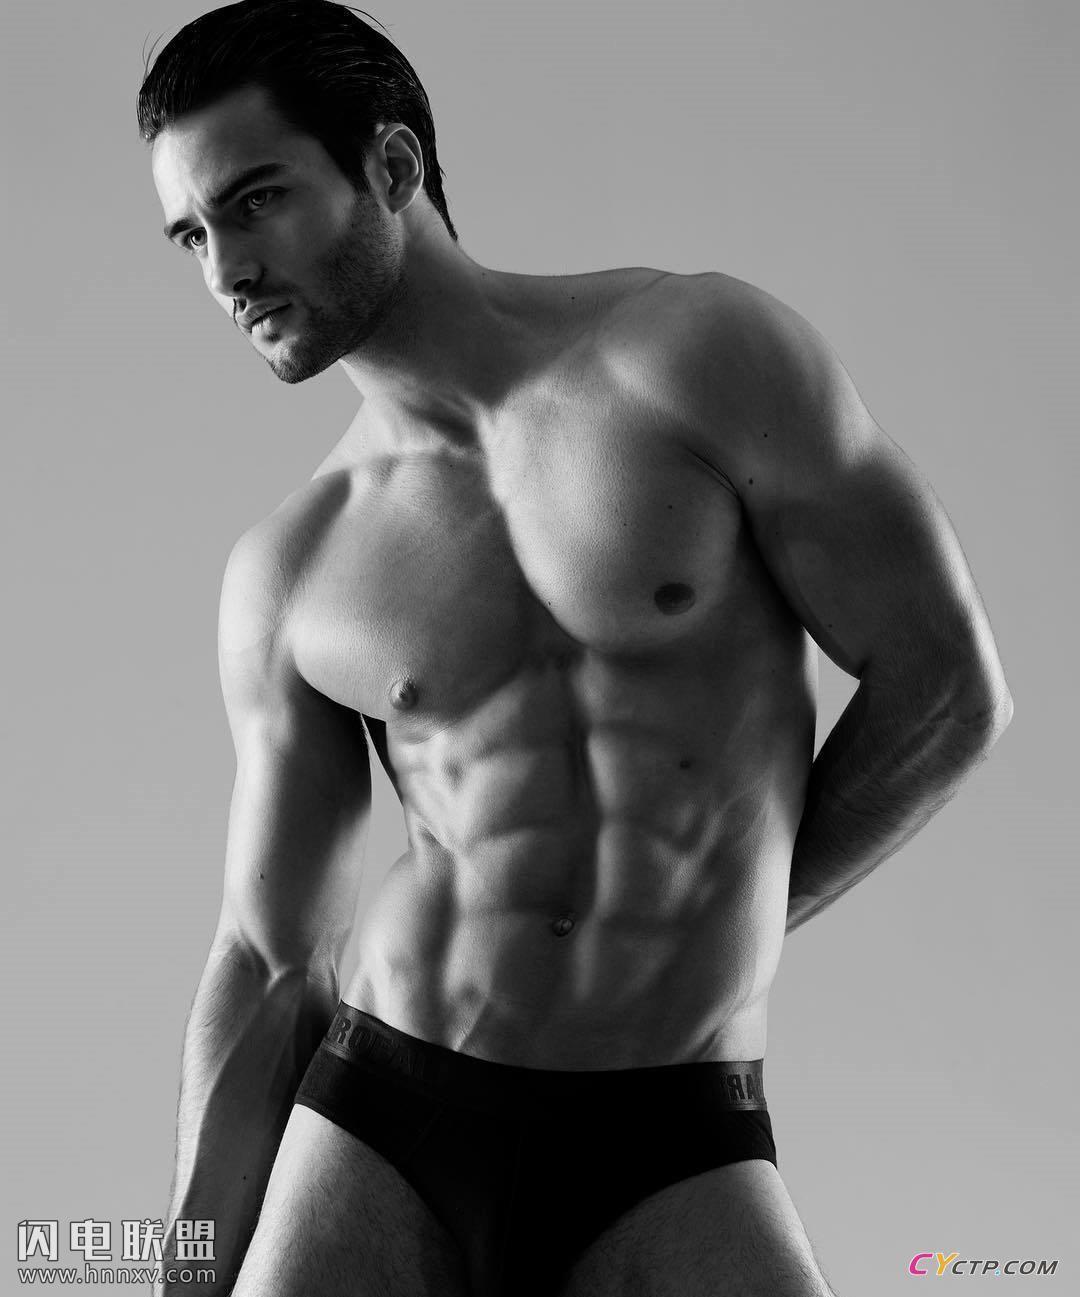 美国肌肉男神腹肌图片第1张